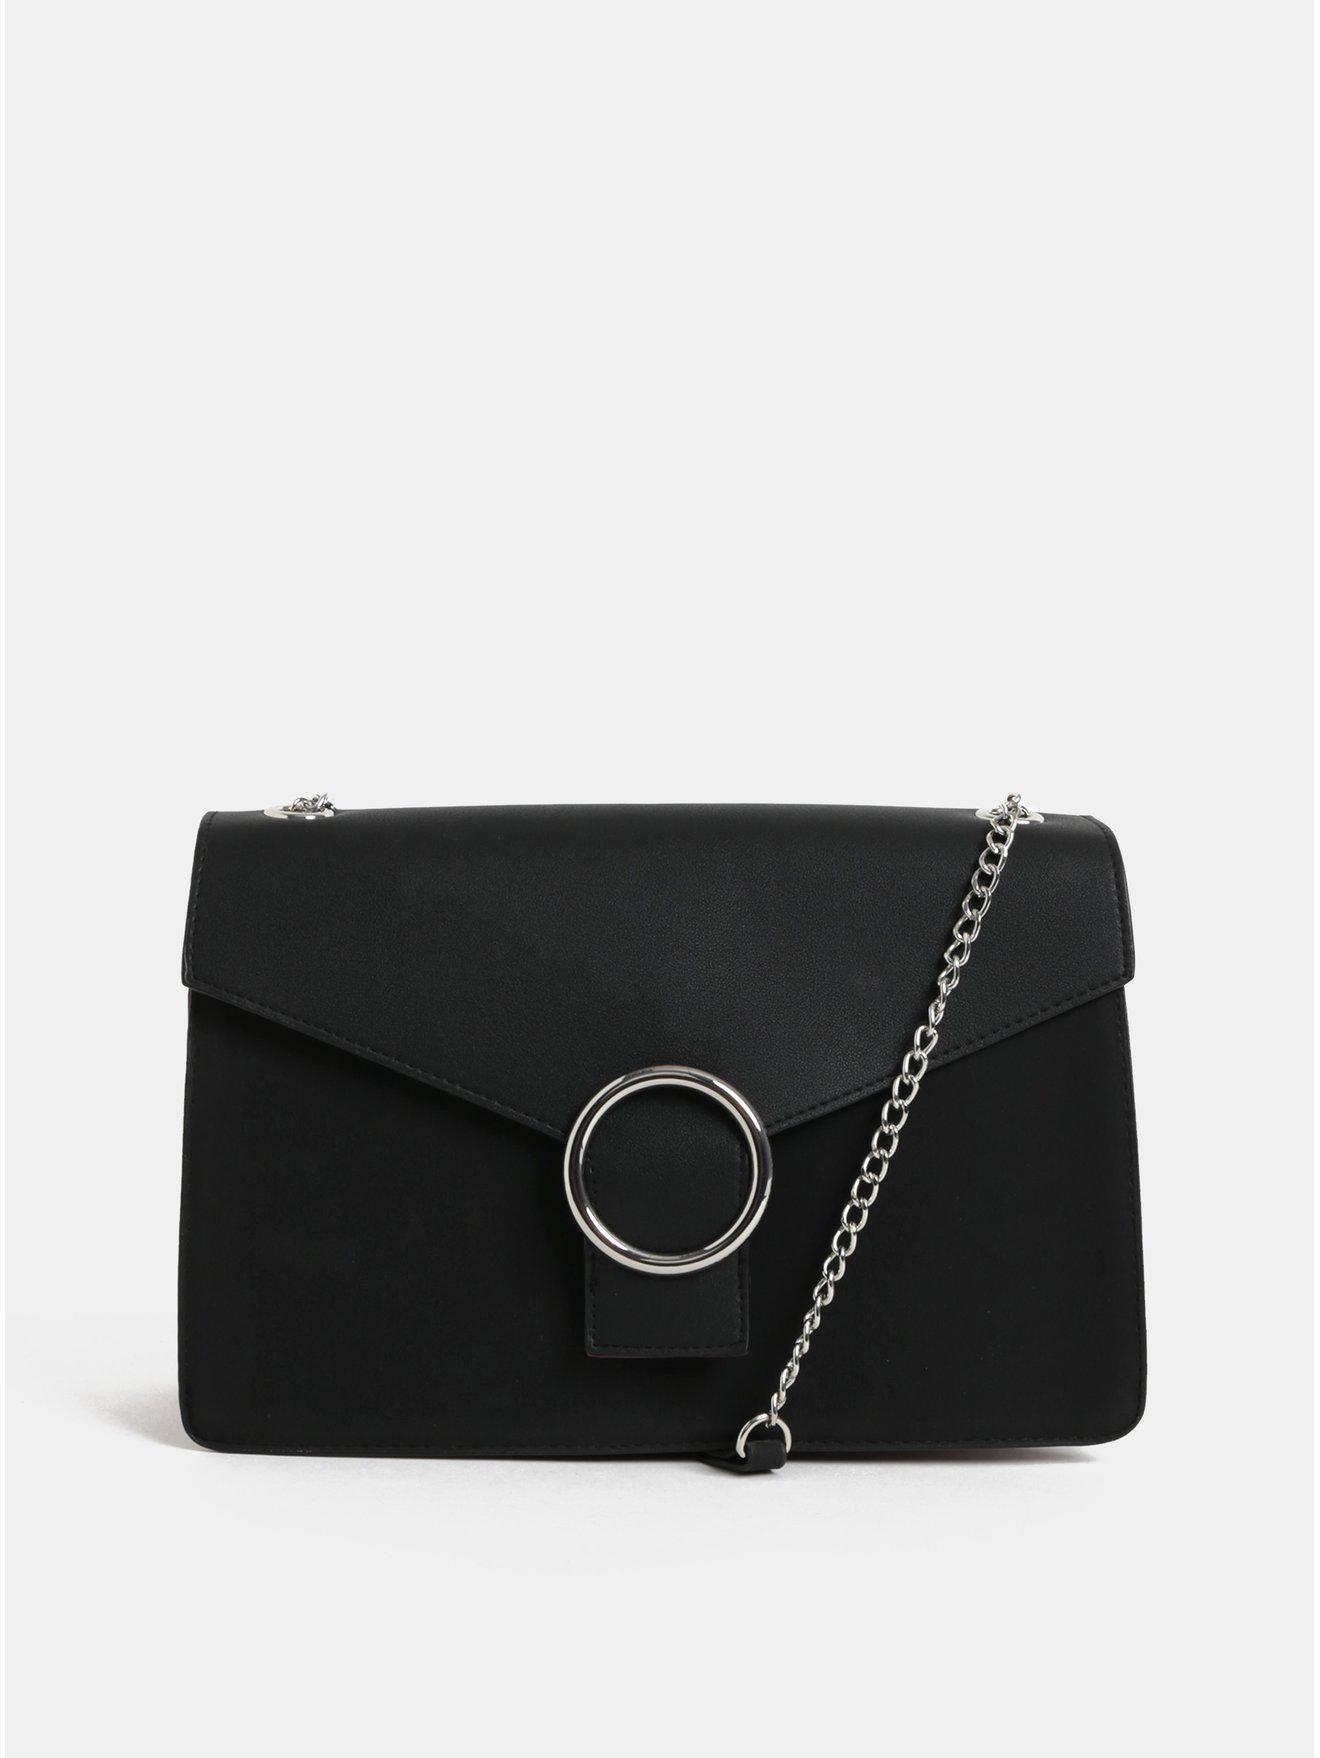 6164e0f2ee3 Černá kabelka se sametovou částí Pieces Kaori